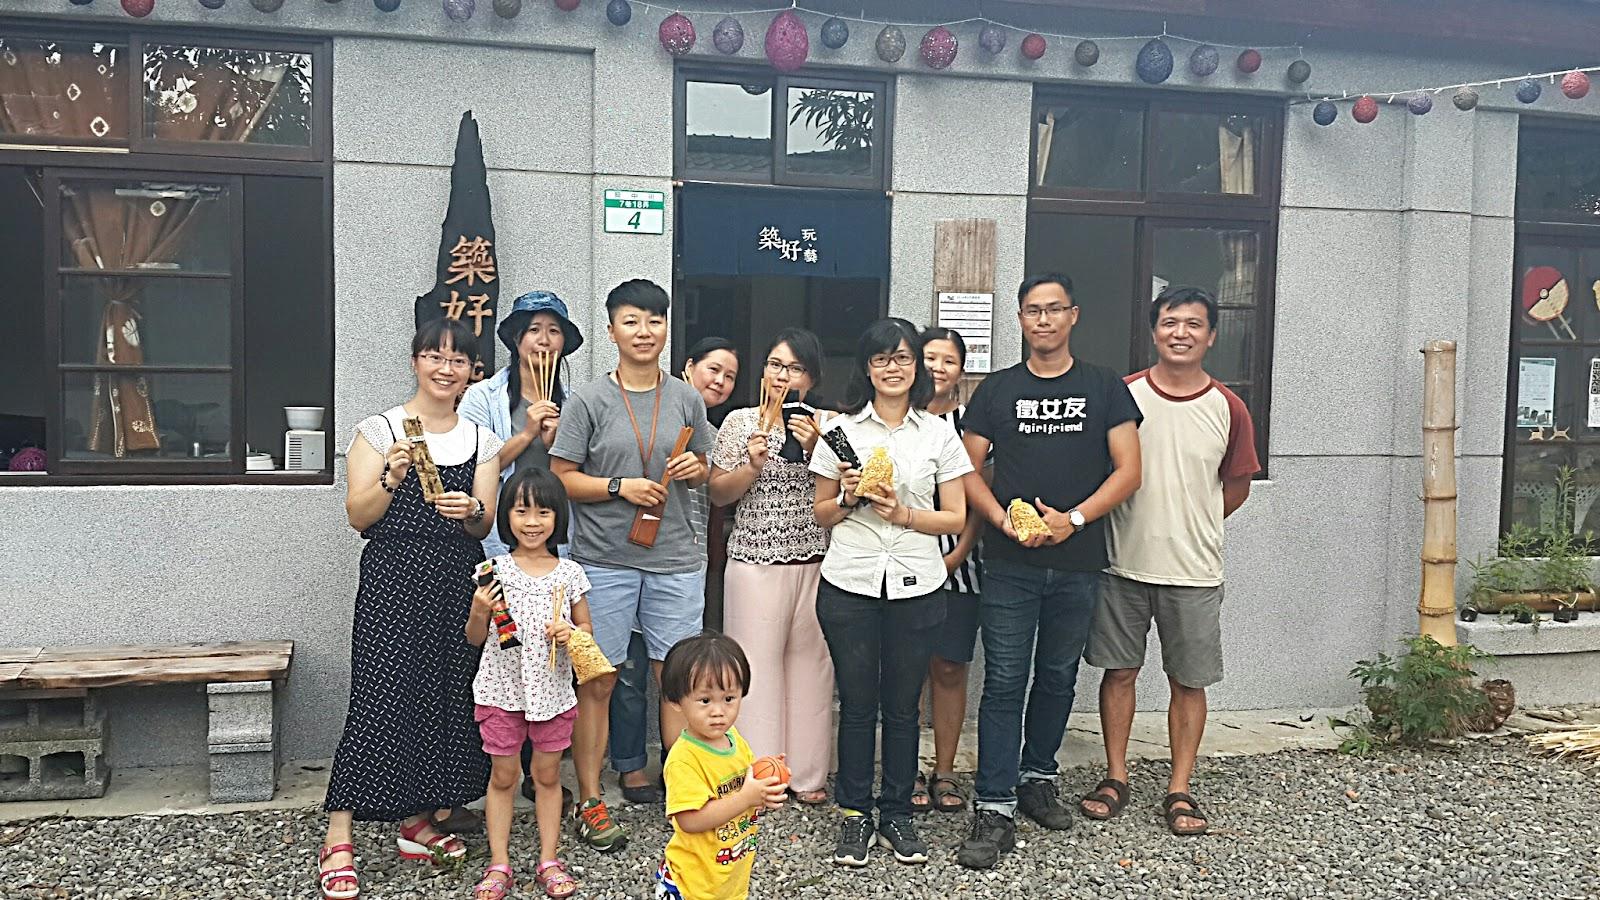 2016/9/18第二期「筷」意生活複合媒材體驗課圓滿成功